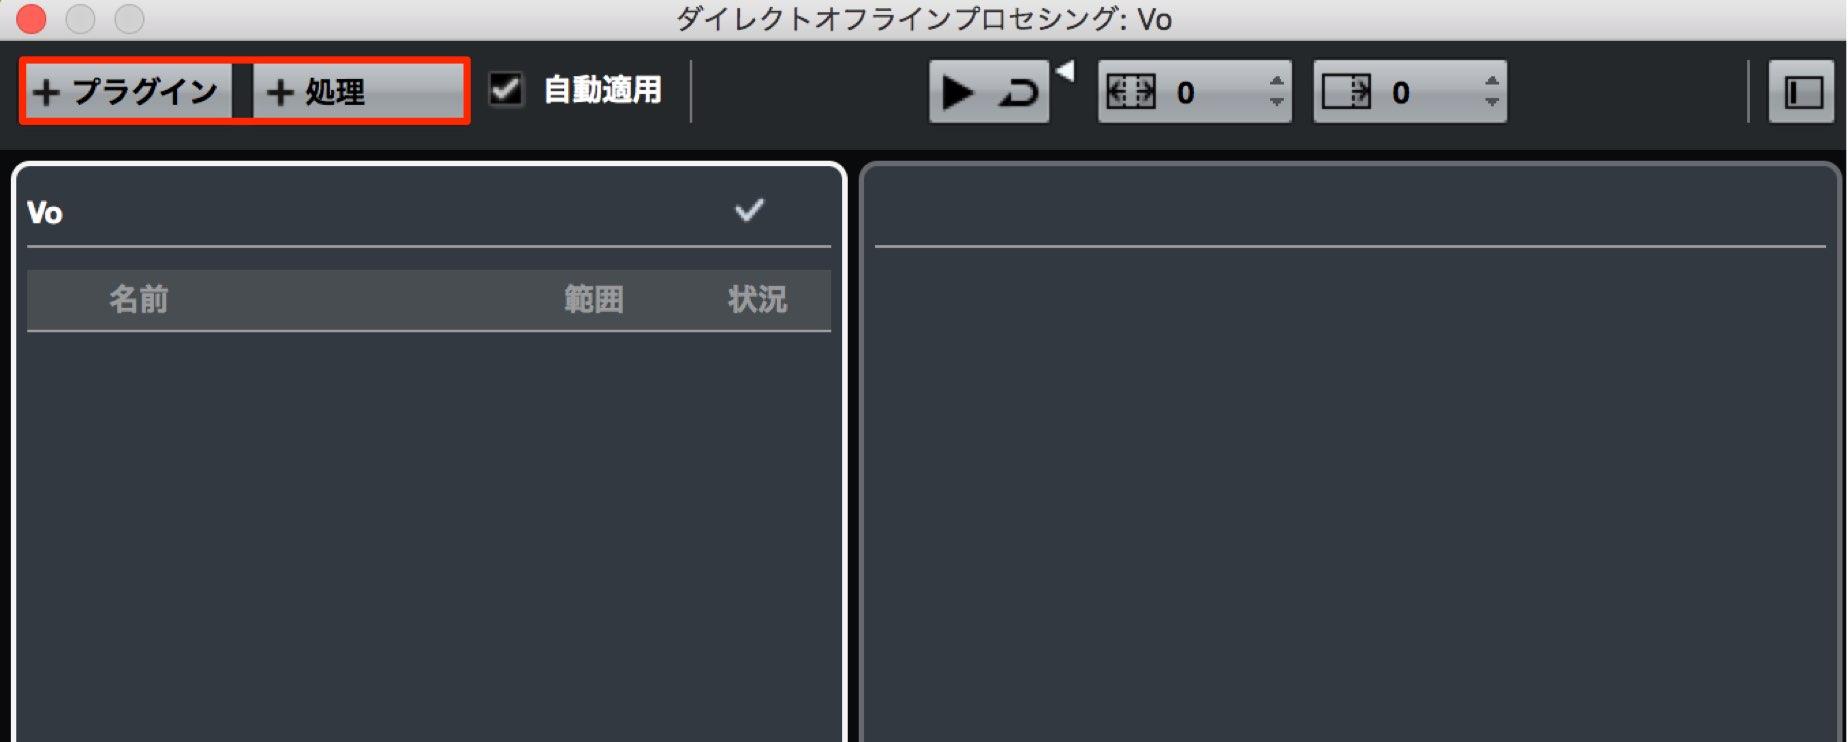 ダイレクトオフラインプロセシング_ Vo